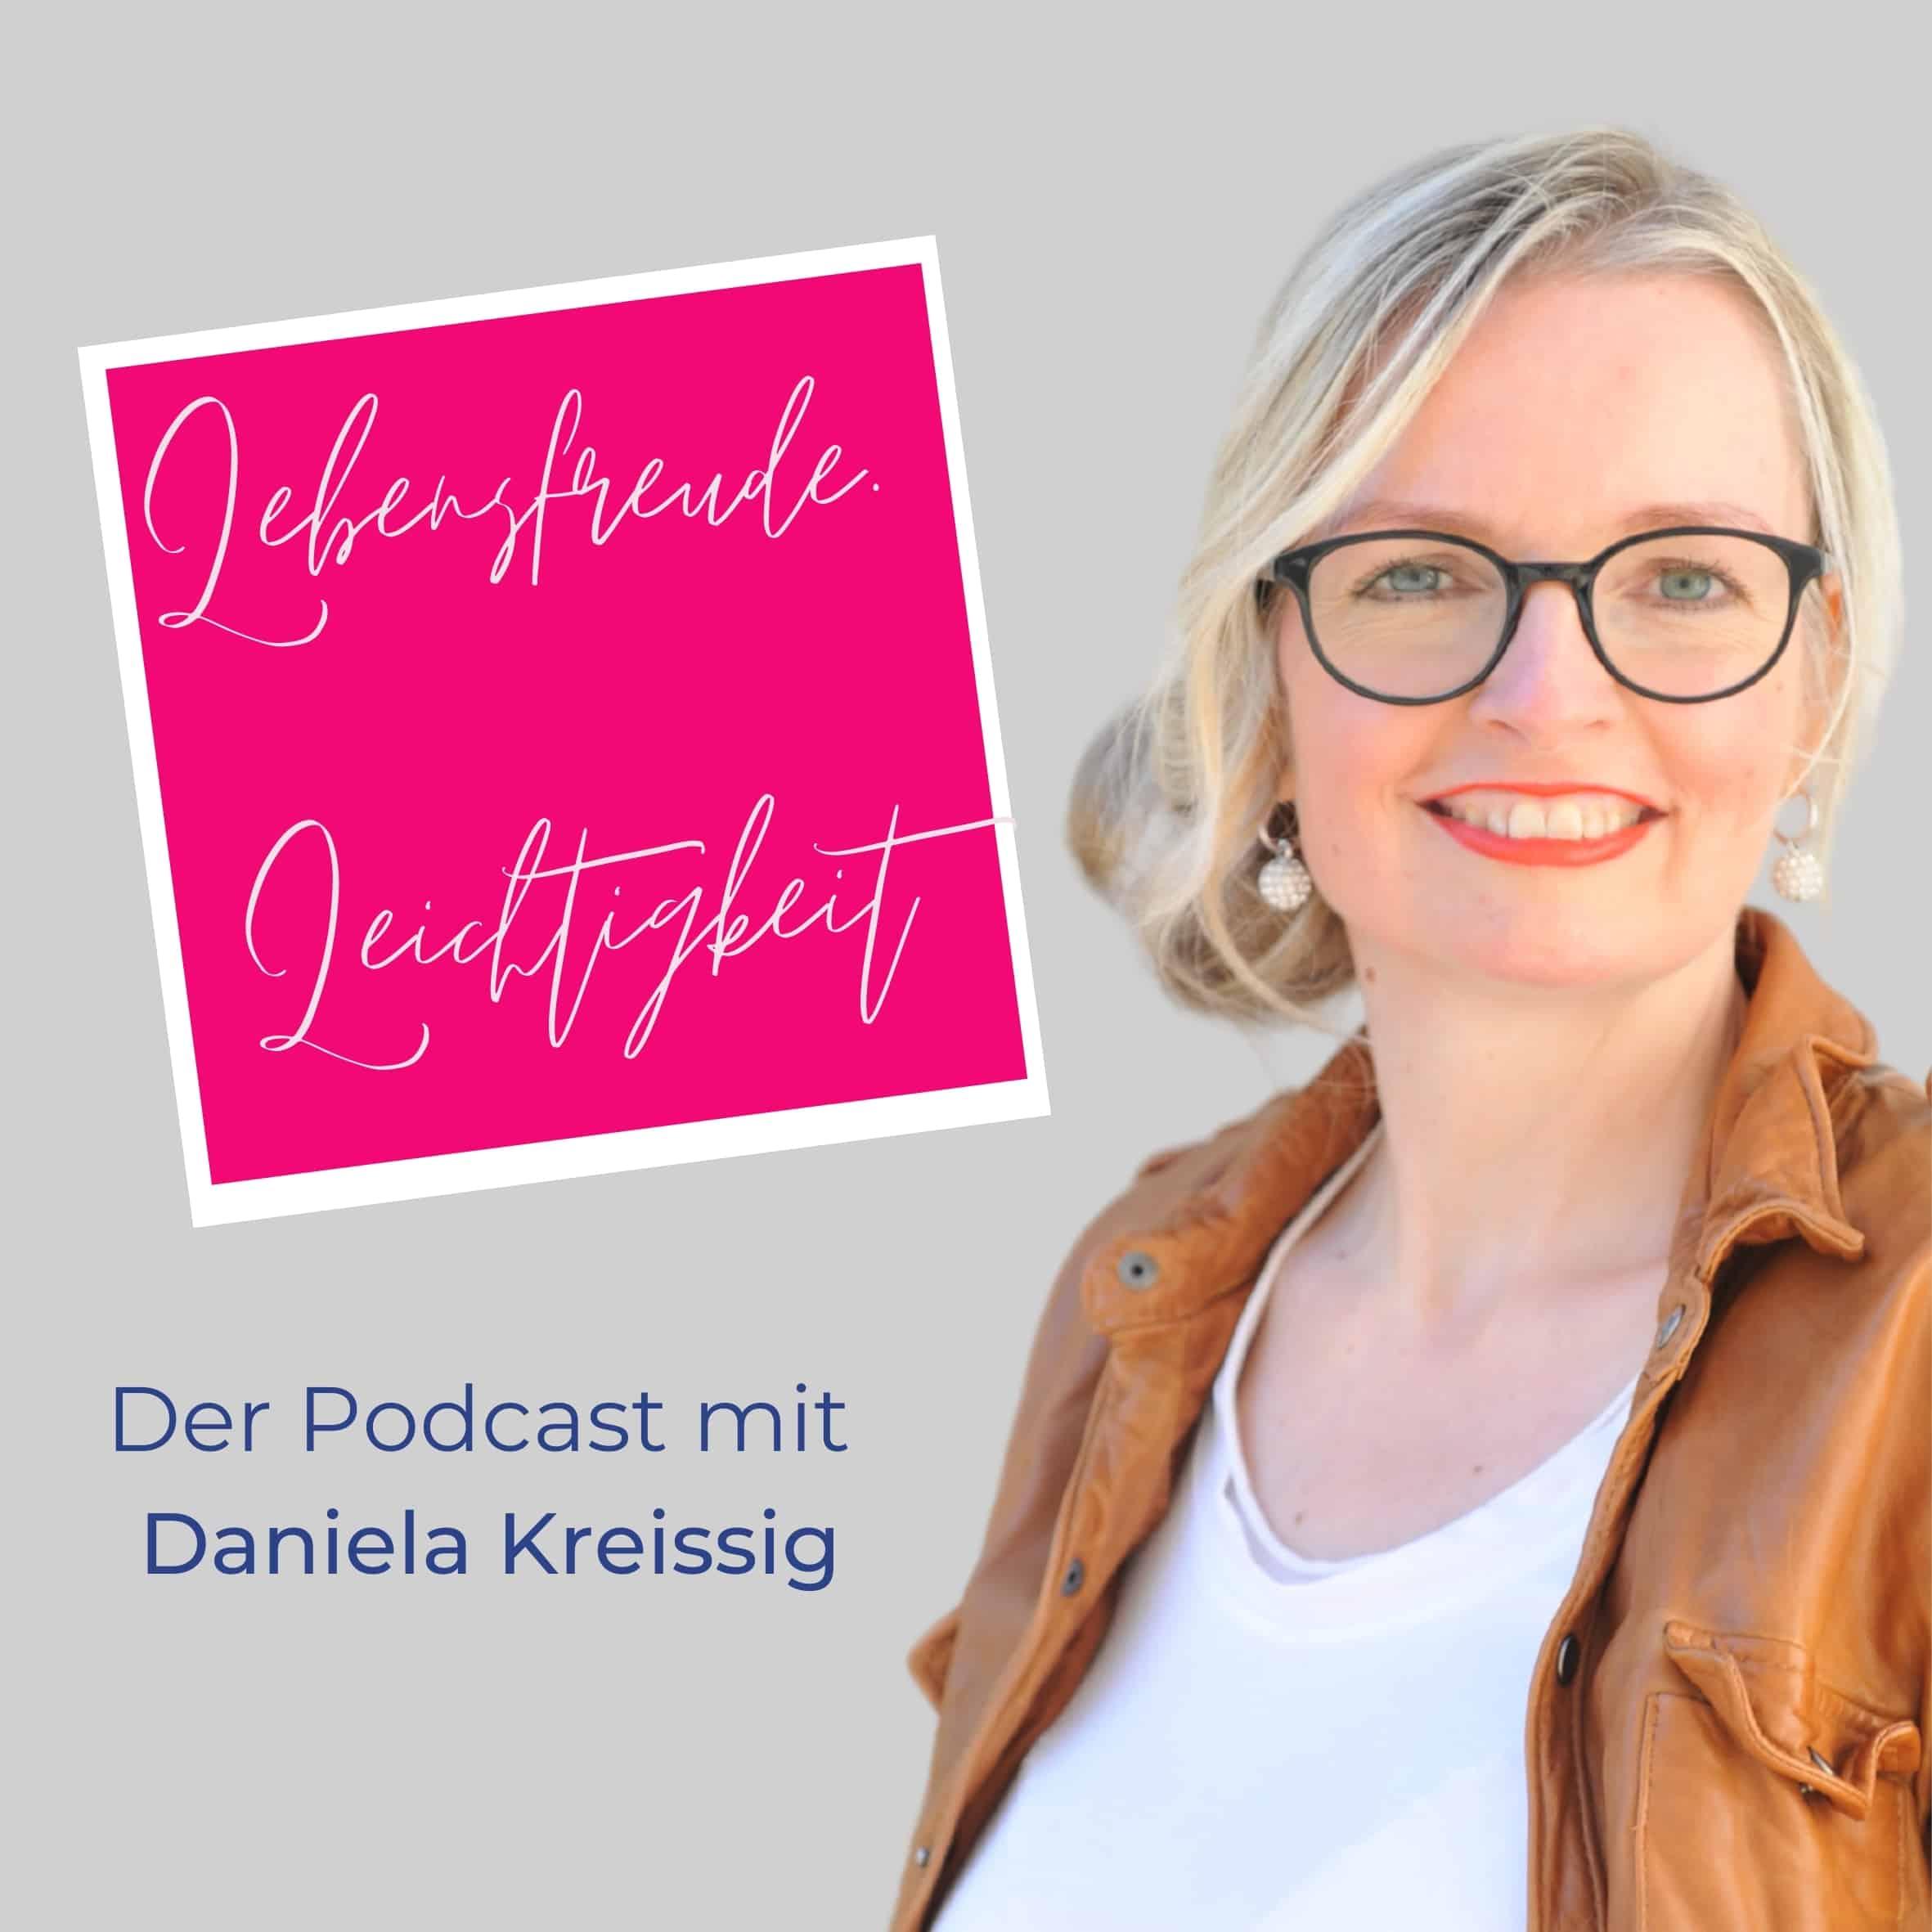 https://danielakreissig.de/wp-content/uploads/2021/05/Podcast_Thumnail_21.jpg